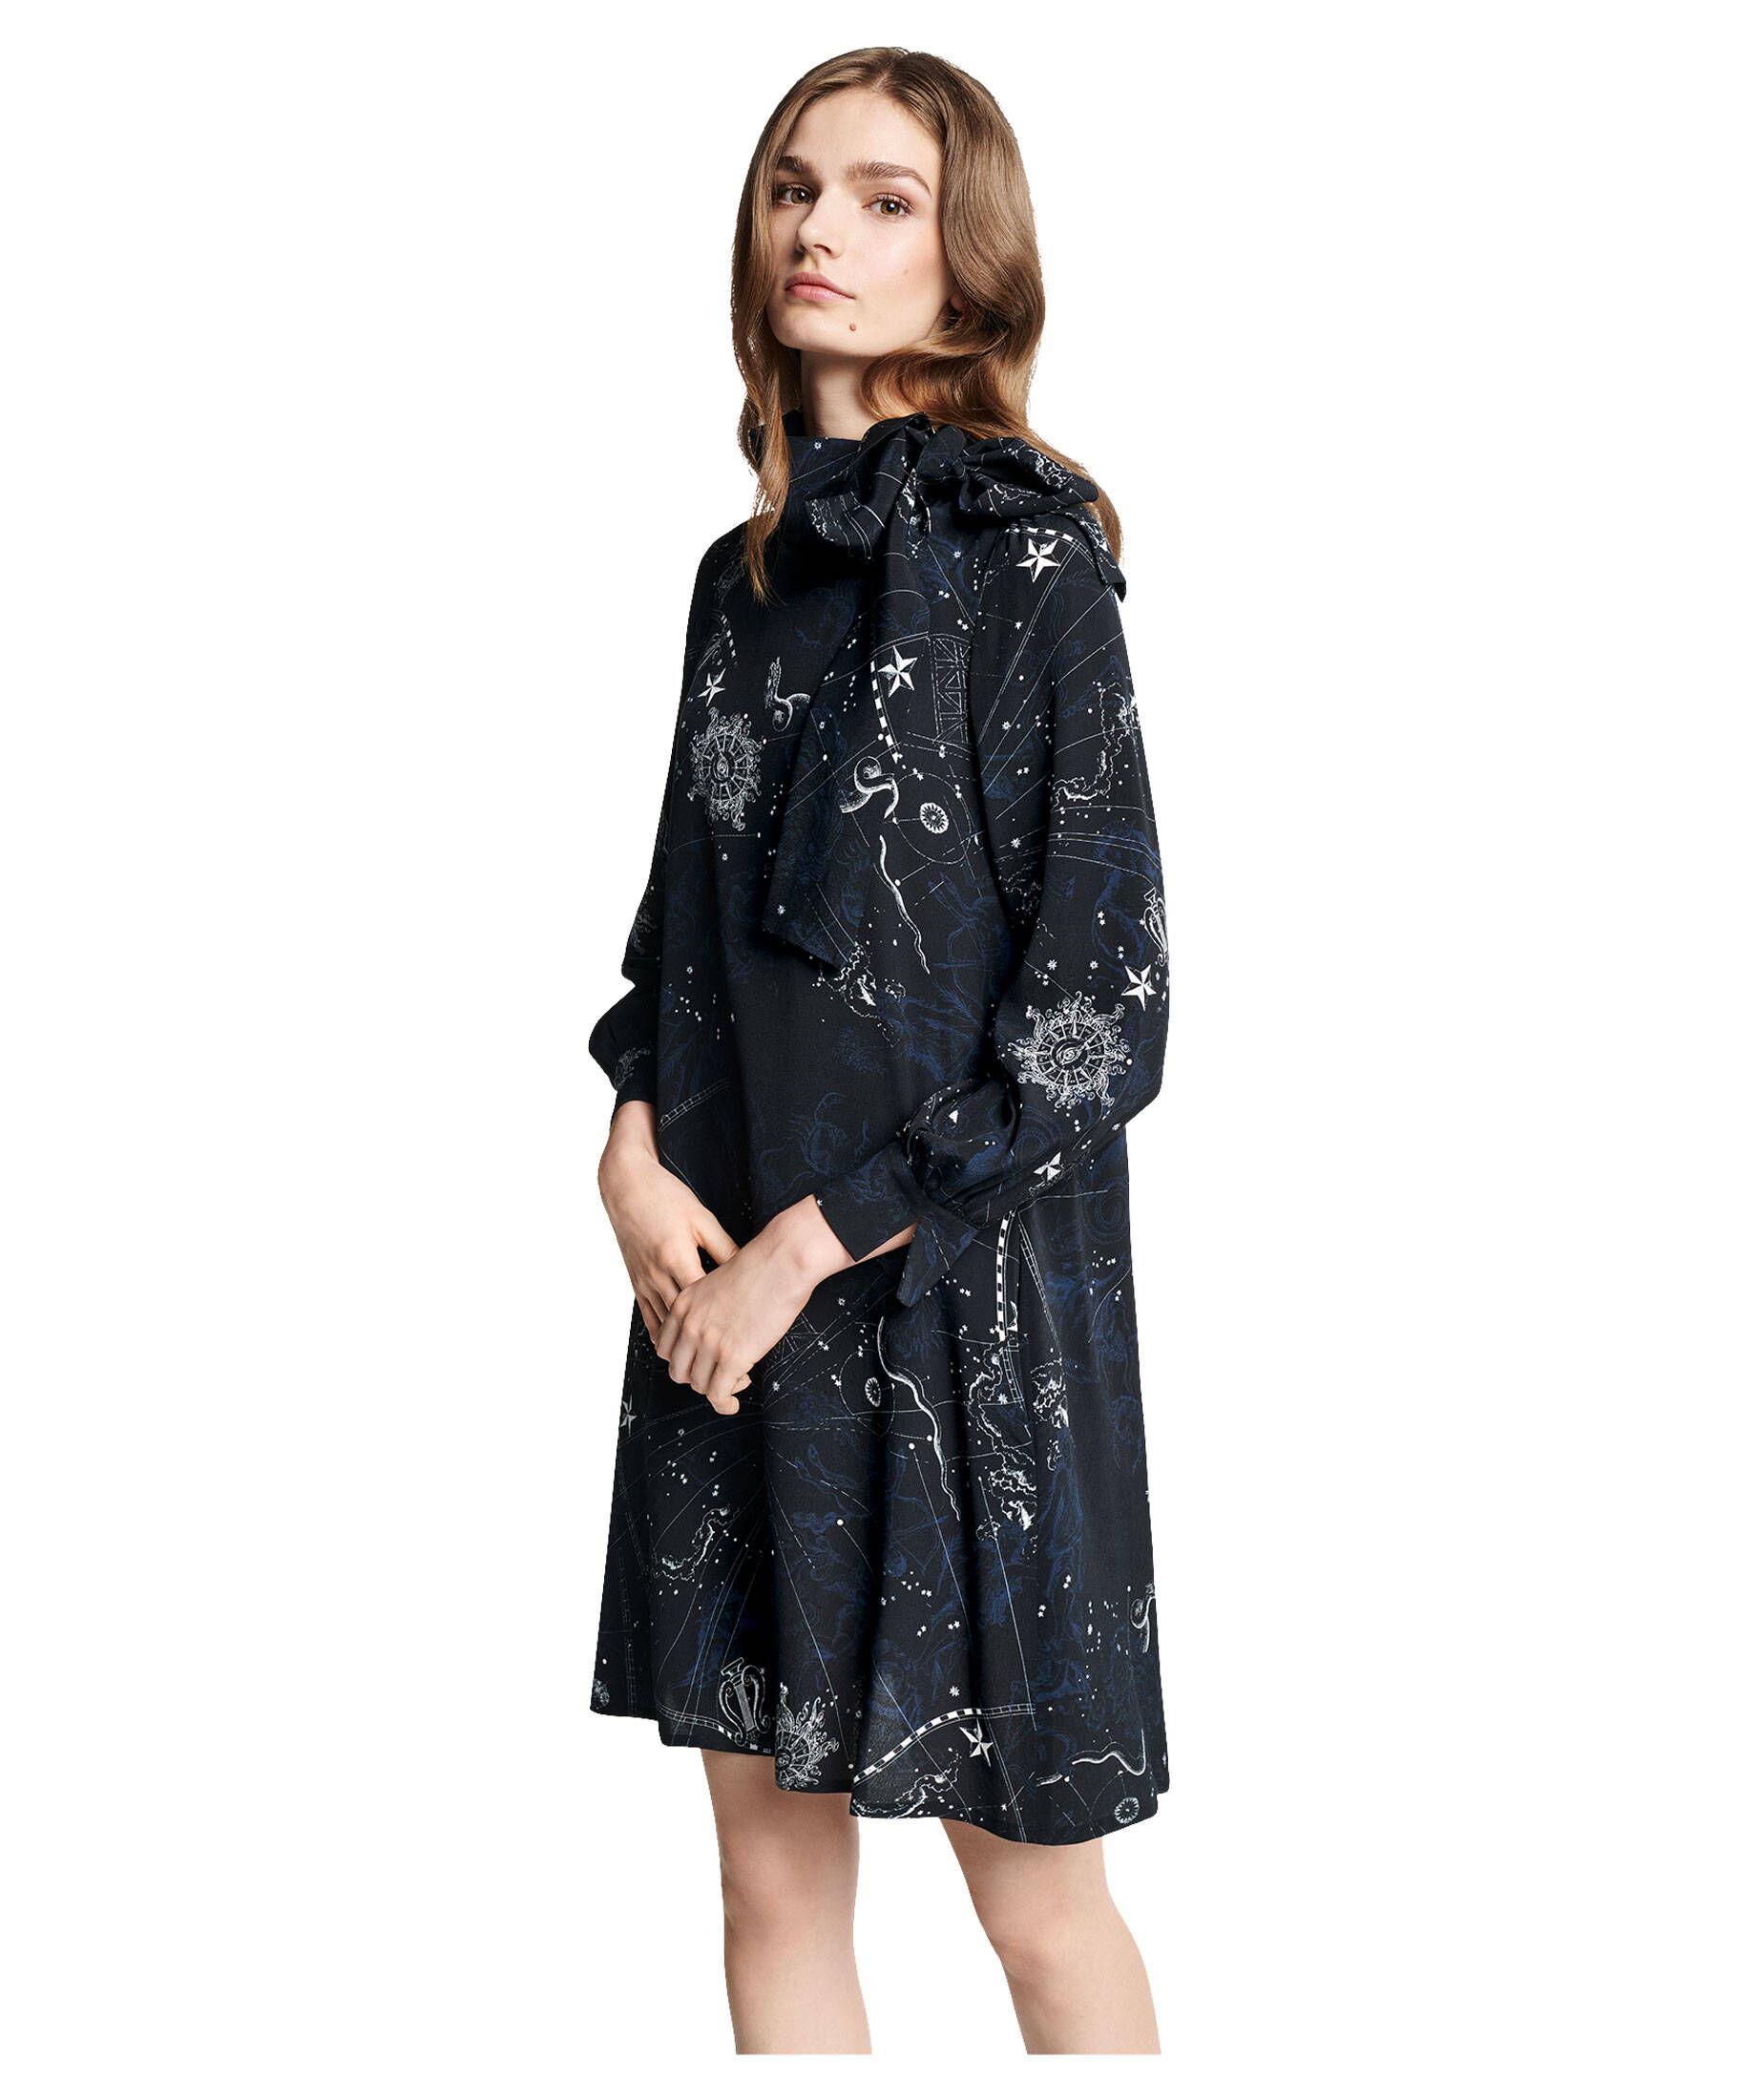 Riani Damen Kleid kaufen   engelhorn